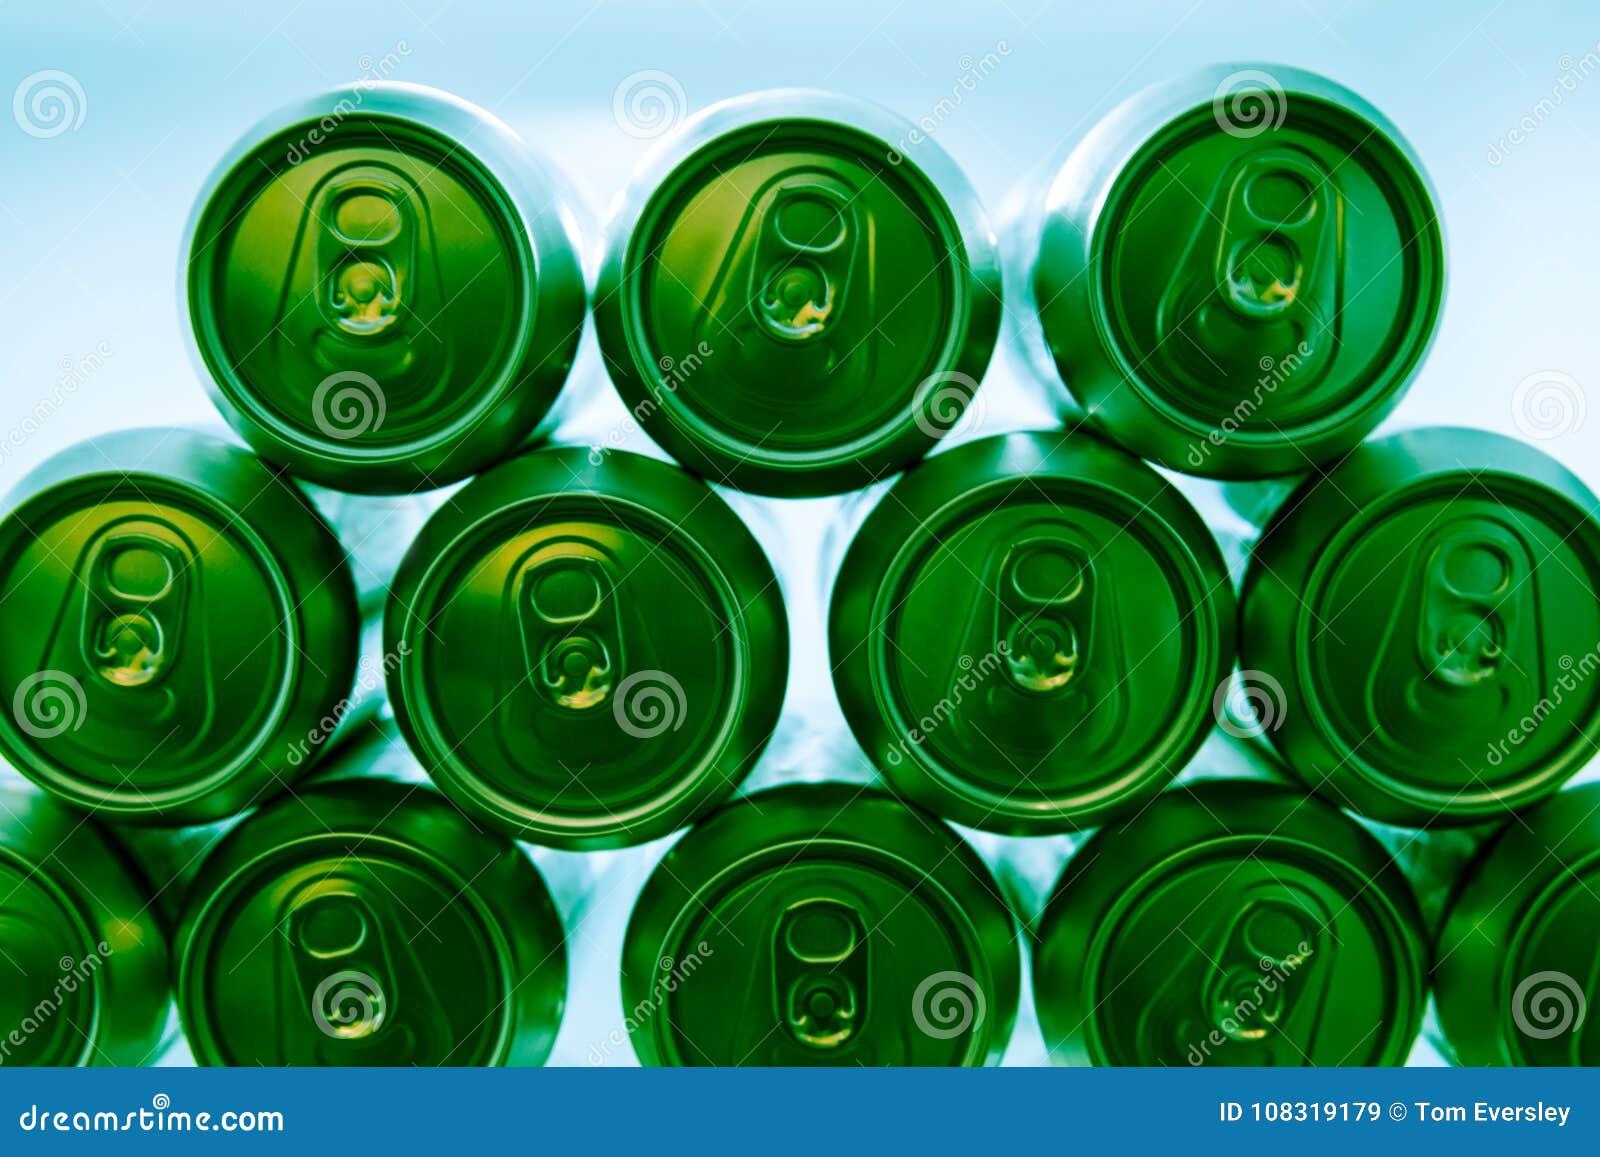 Kühlschrank Dosen : Kalte grüne energie trinkt dosen im kühlschrank nachts stockbild